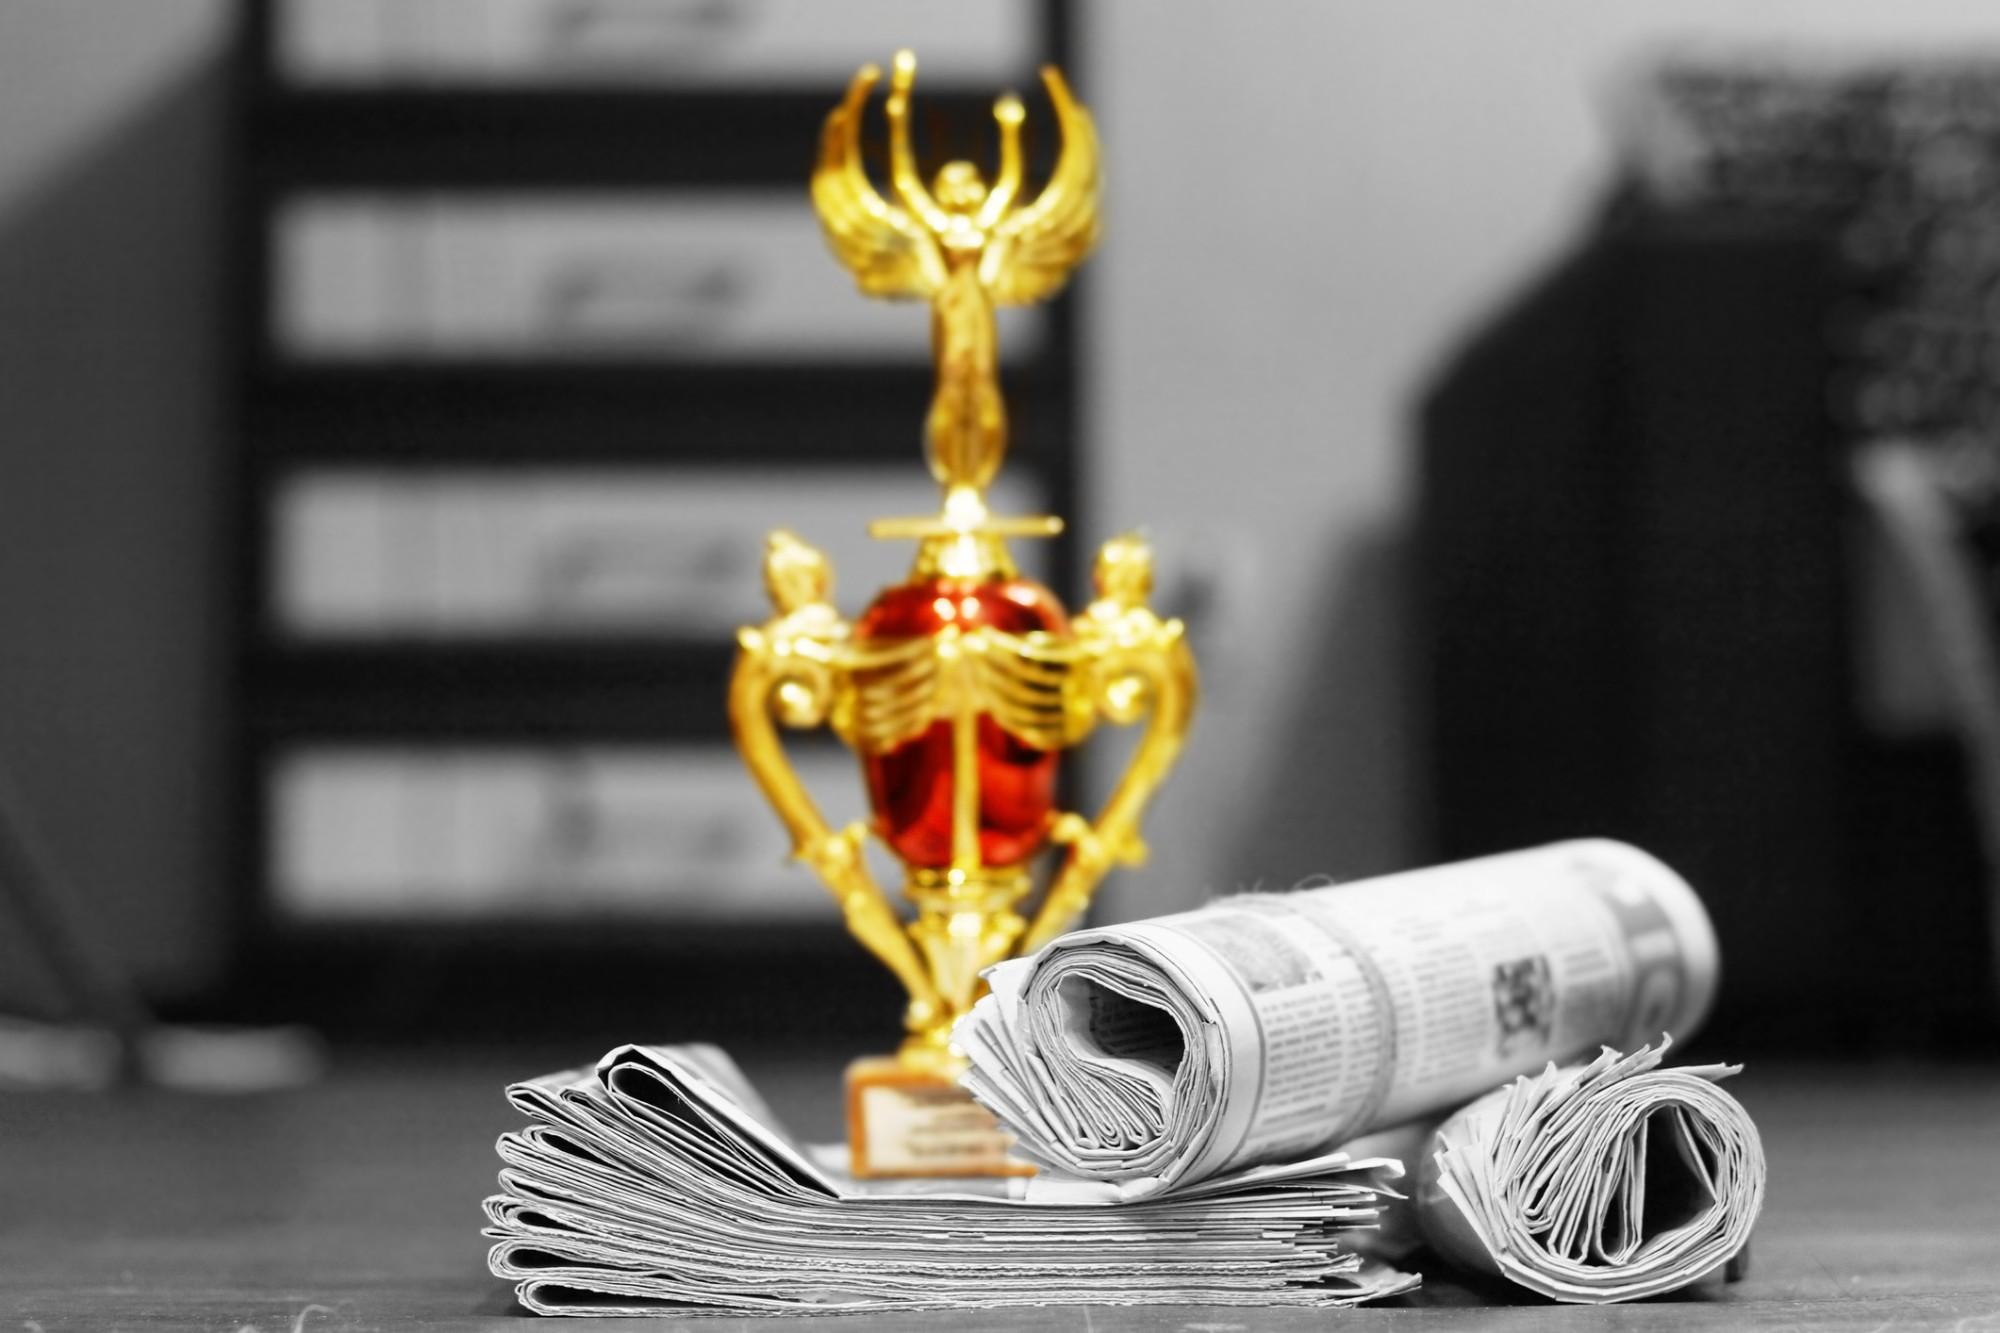 Conheça os principais prêmios de jornalismo no Brasil